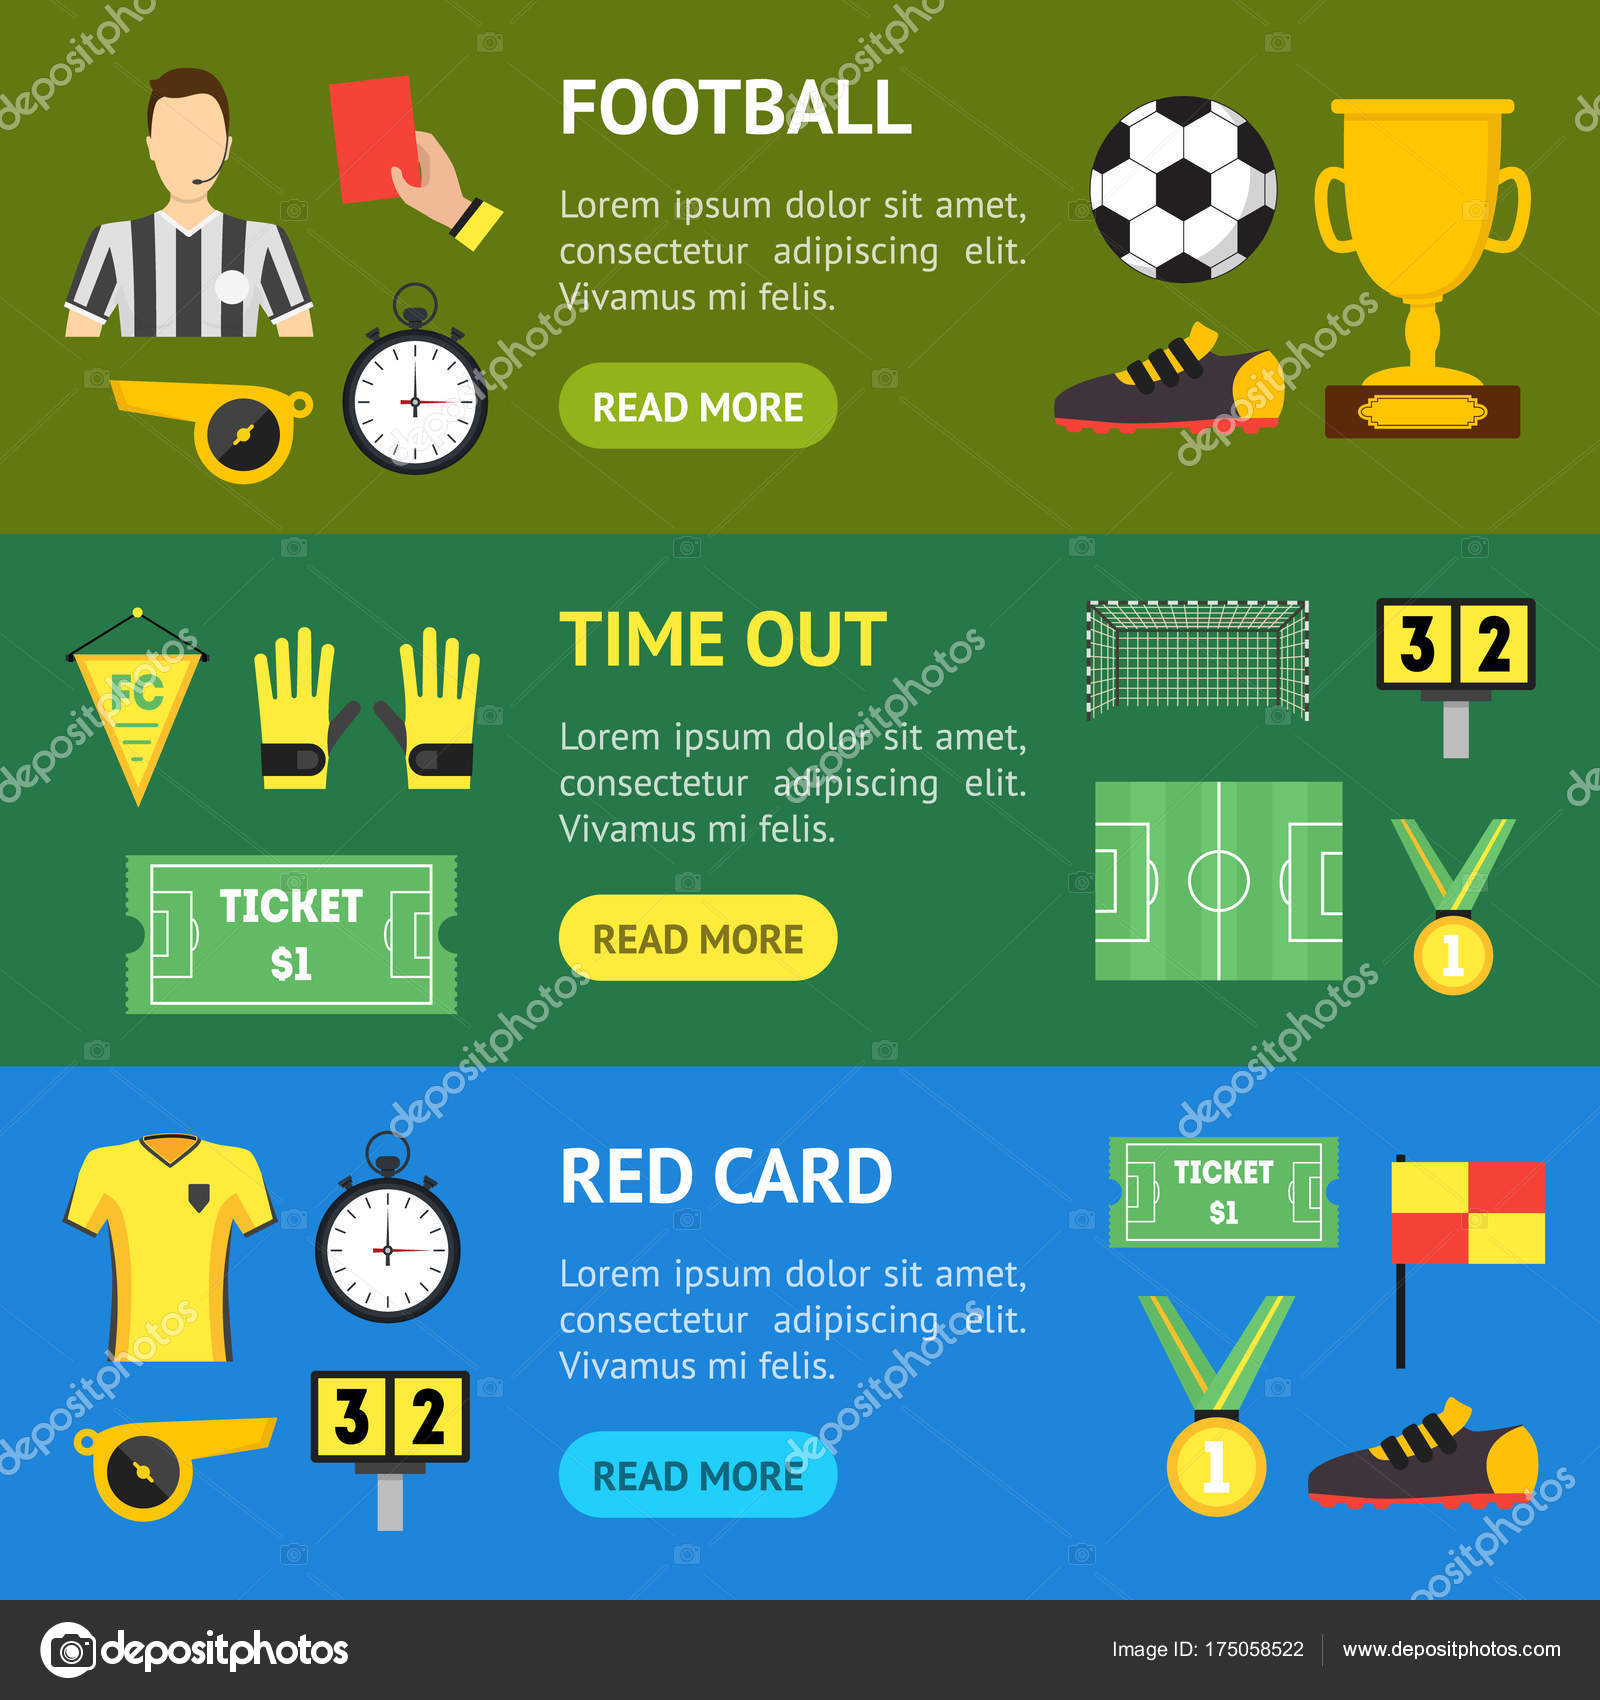 ce2b8b753 Futebol esporte jogo Banner Horizontal conjunto futebol profissional  equipamentos e elementos de desenhos animados. Ilustração vetorial — Vetor  de ...